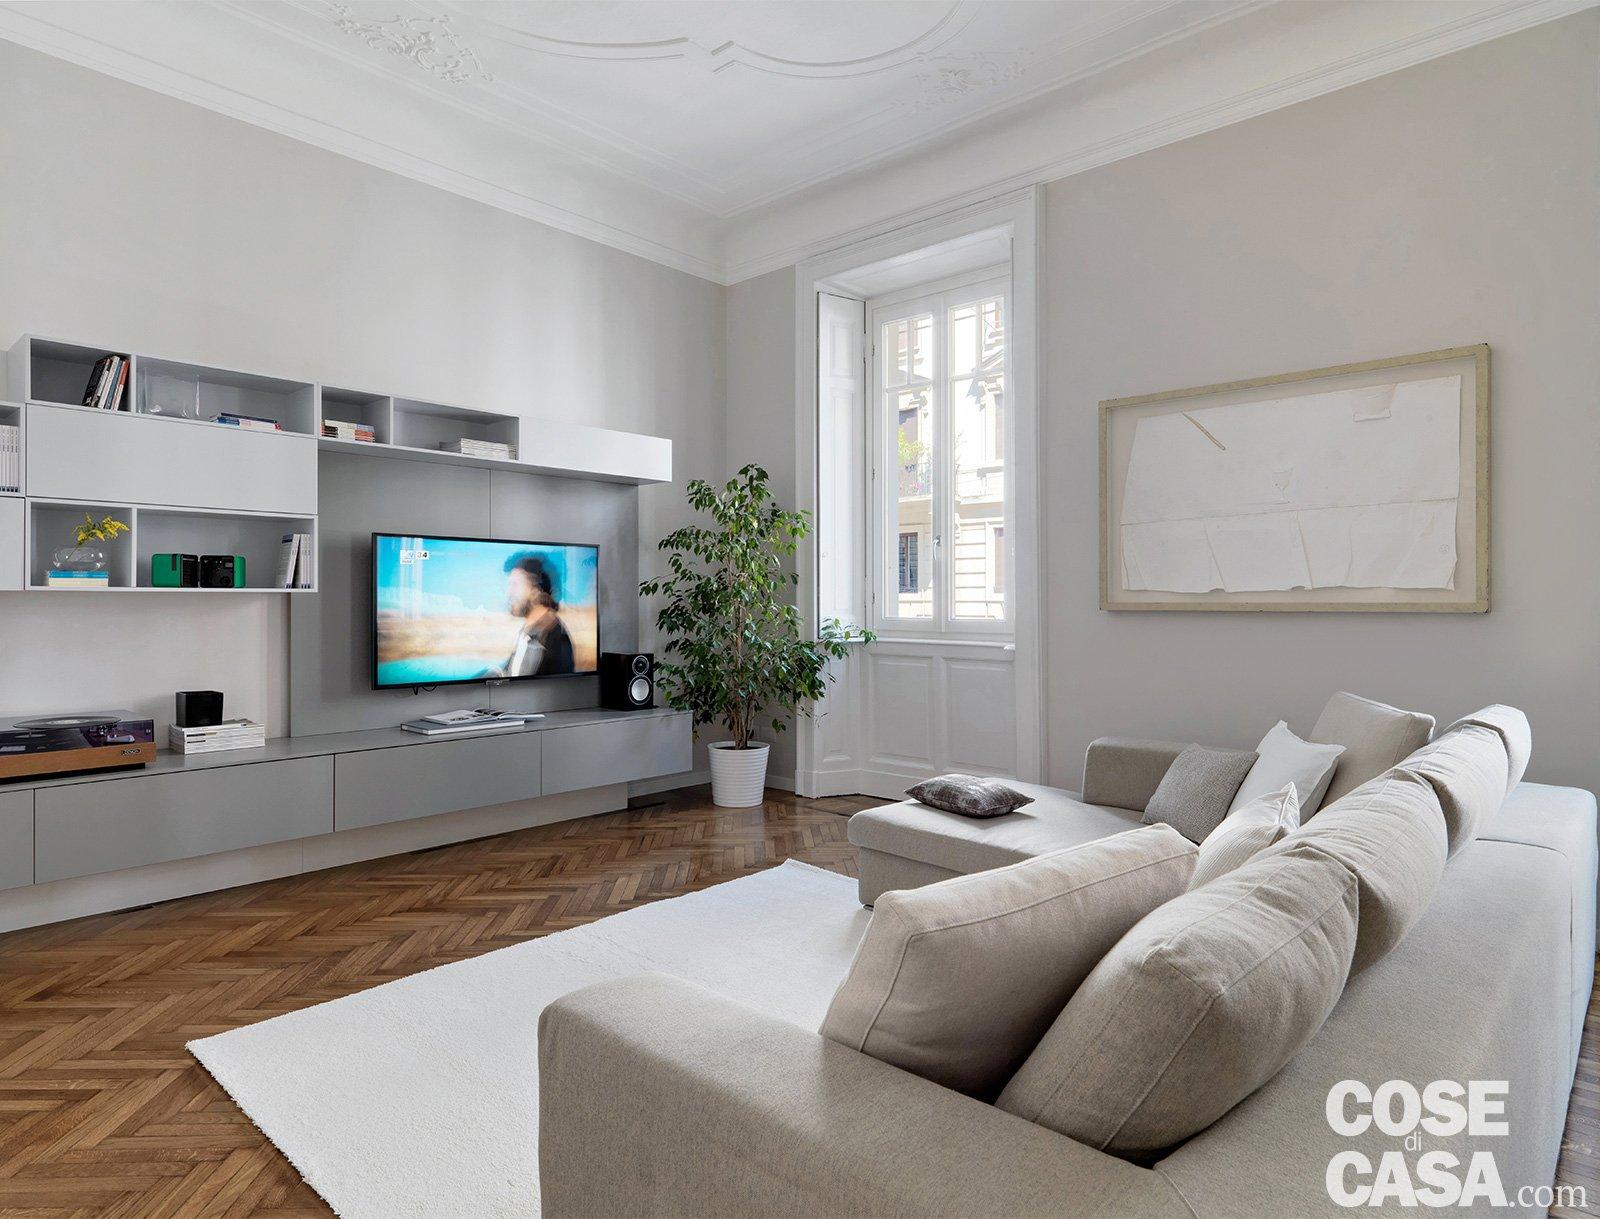 140 mq una casa con pavimenti originari in parquet e for Casa moderna ristrutturata